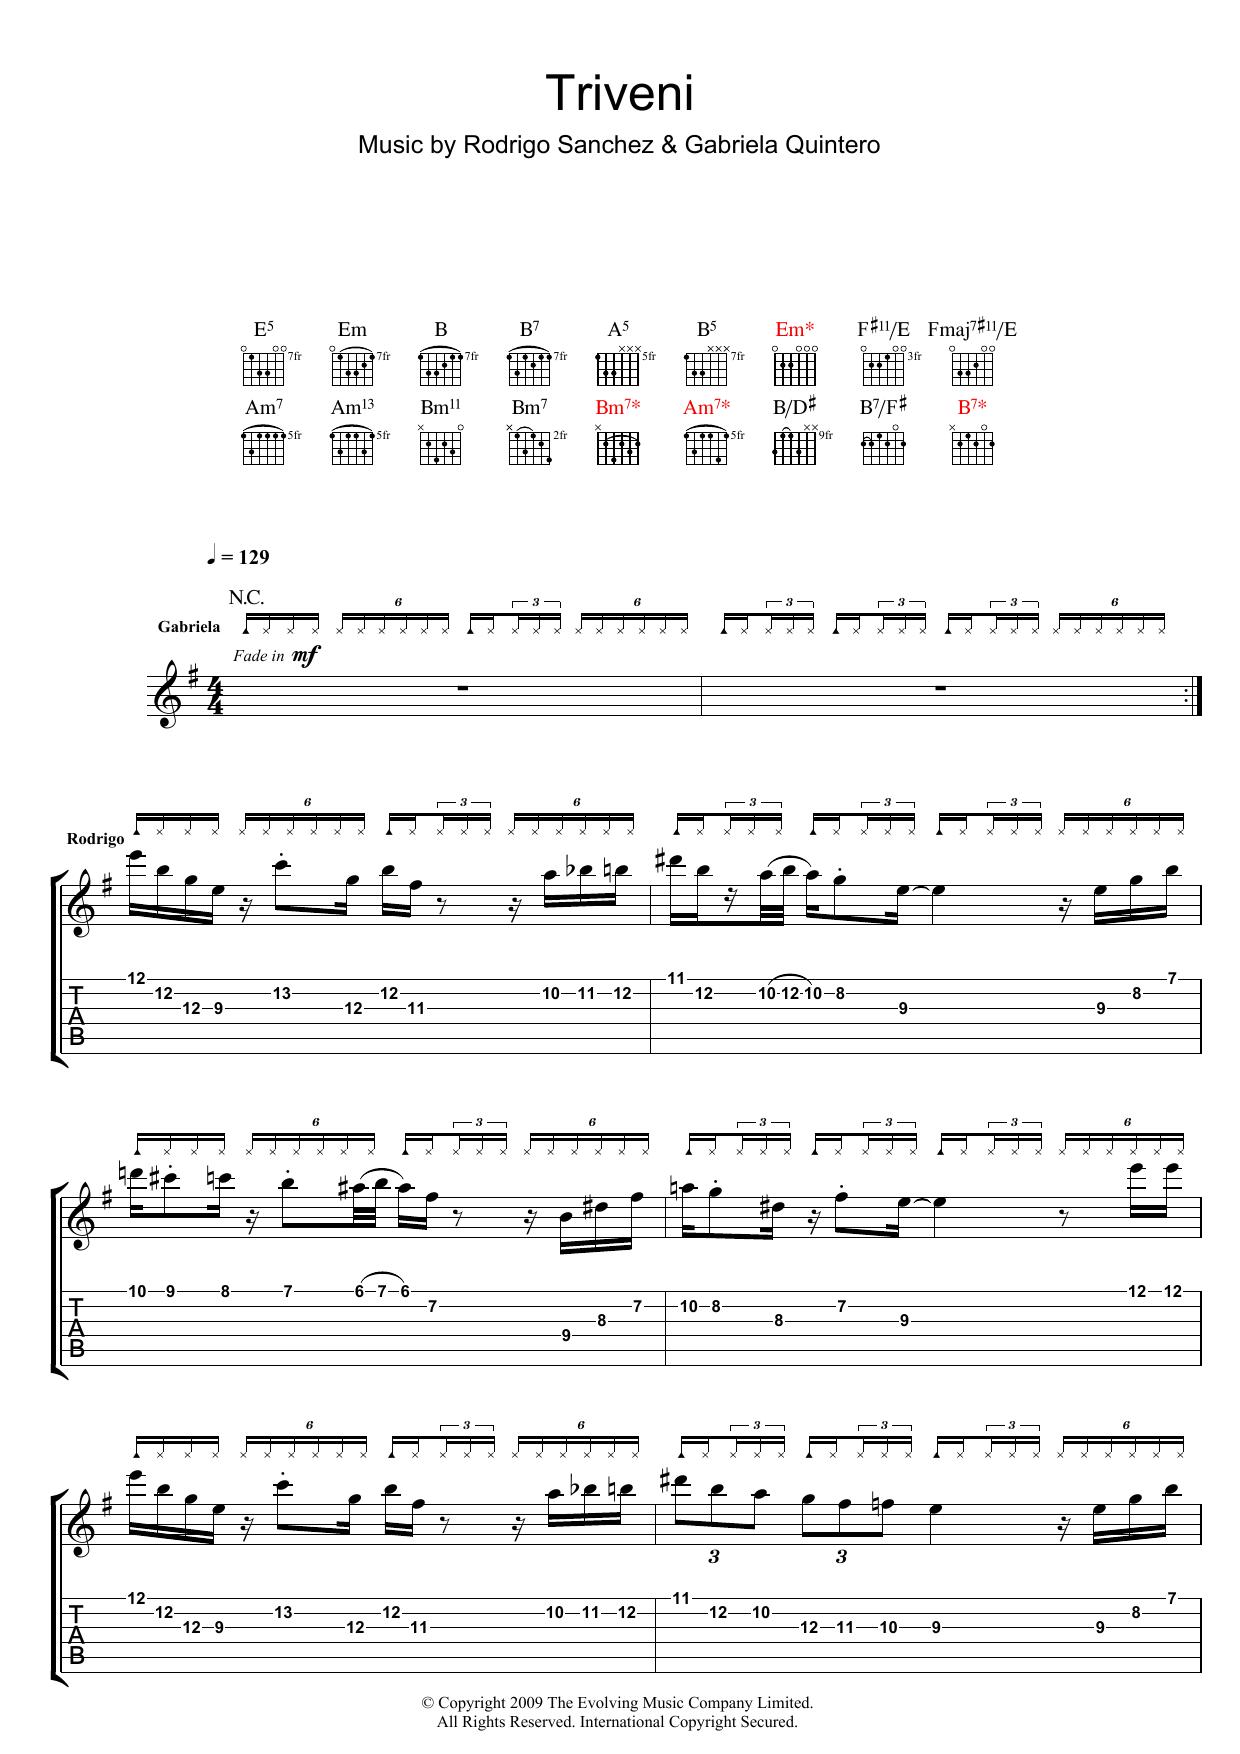 Triveni sheet music